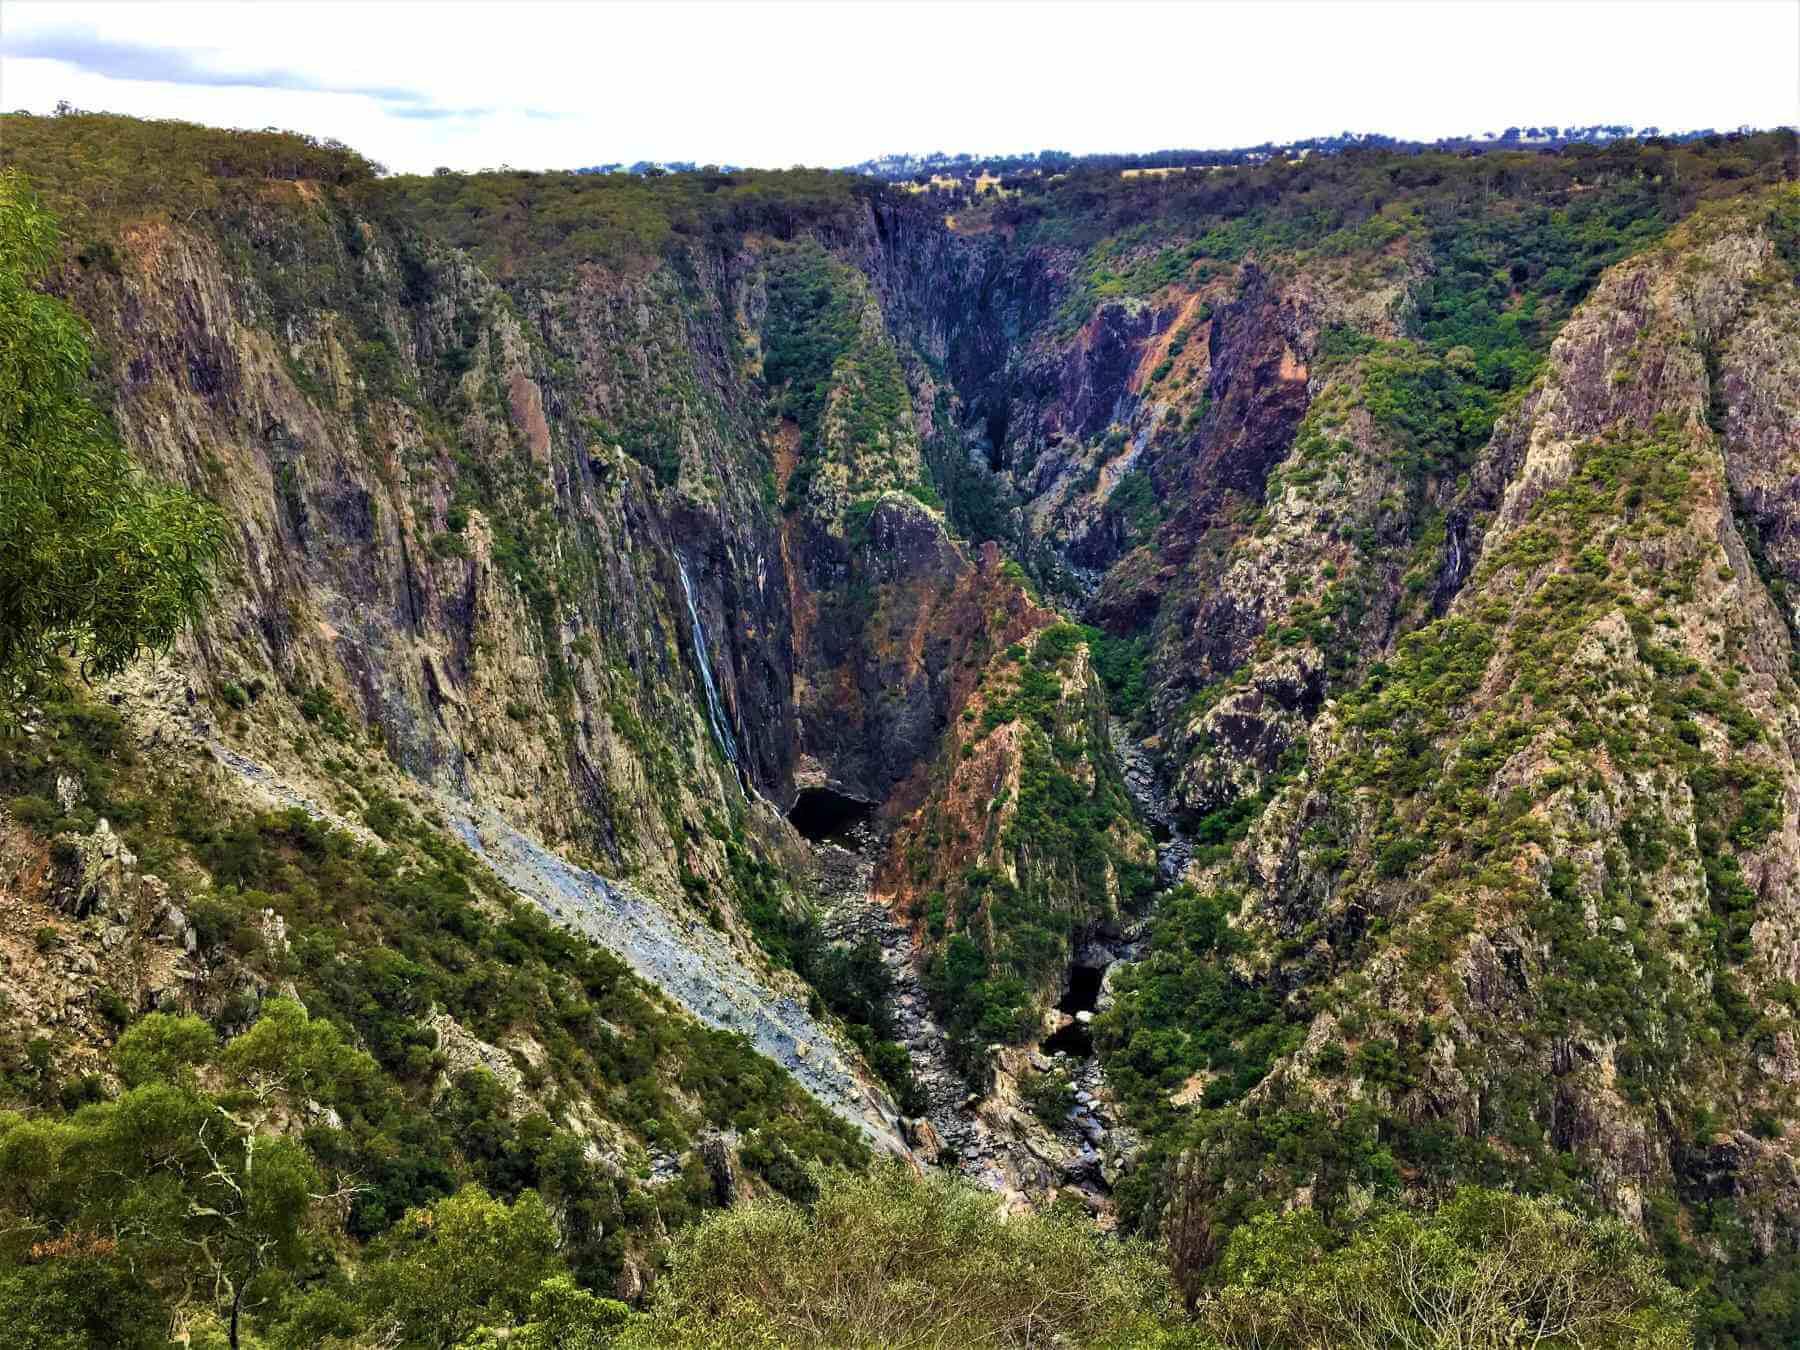 Wasserfall in Australien - Wollomombi Falls